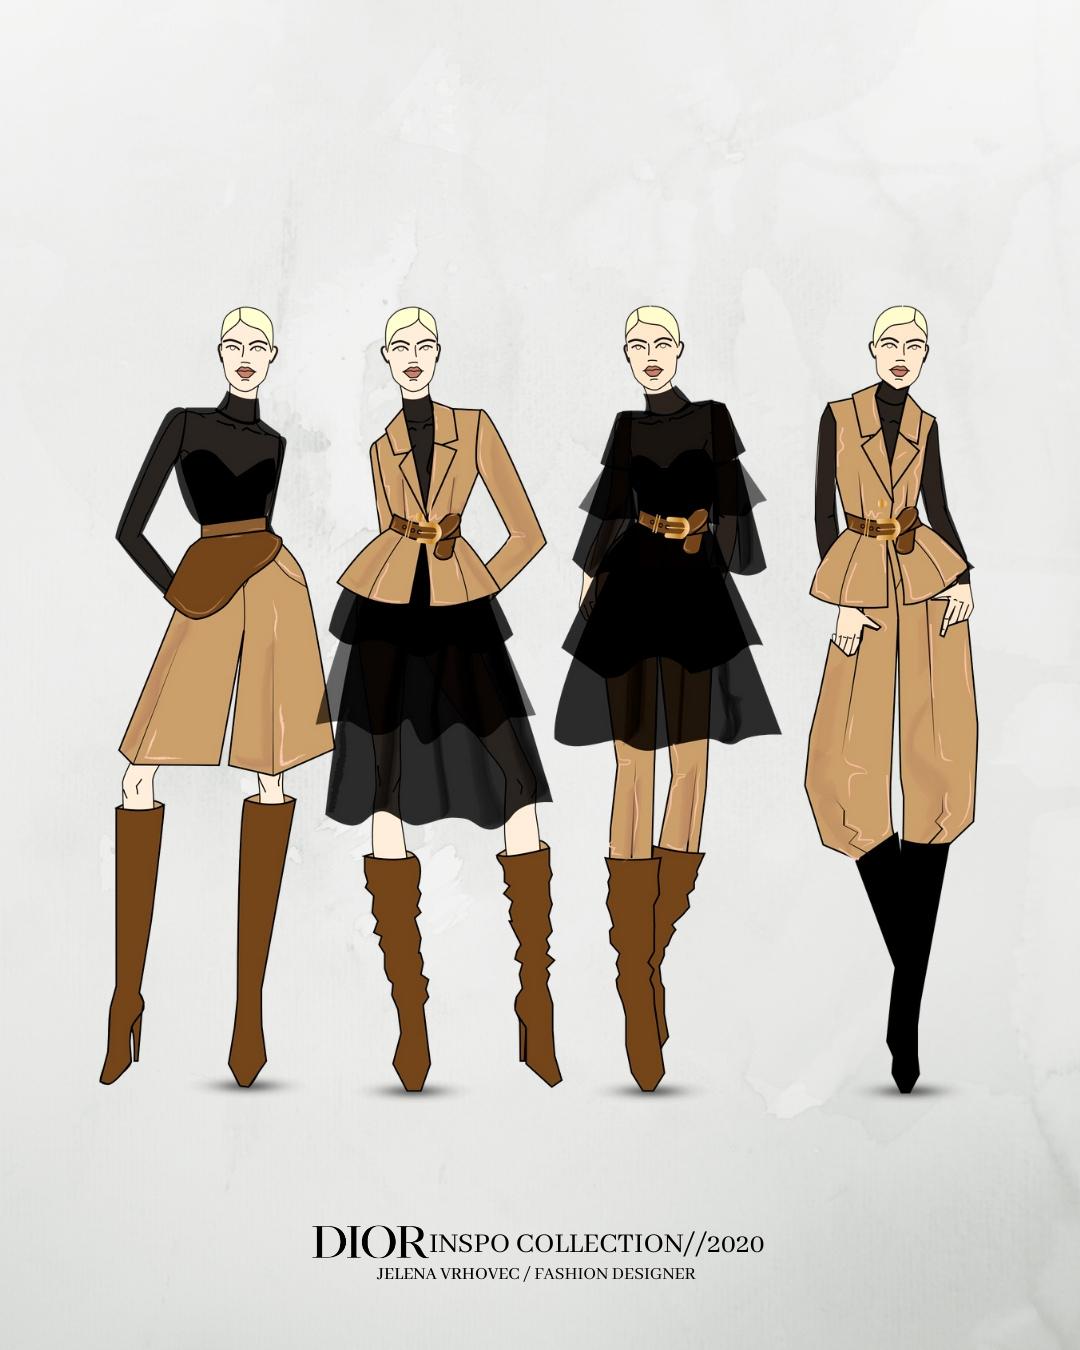 Jelena Vrhovec - modne vježbe: Dior - Učilište Profokus